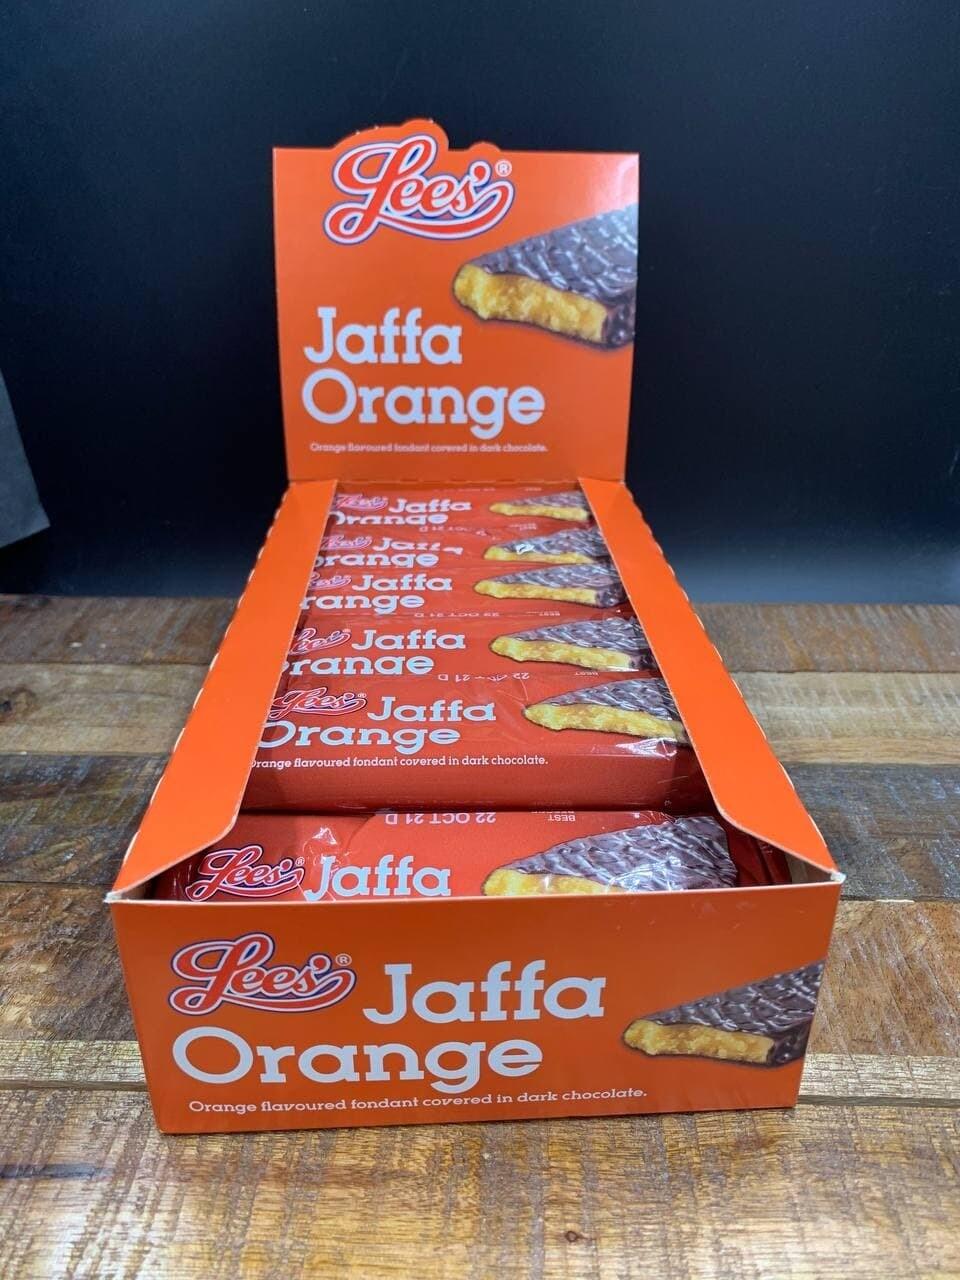 Lees Jaffa Orange 60g